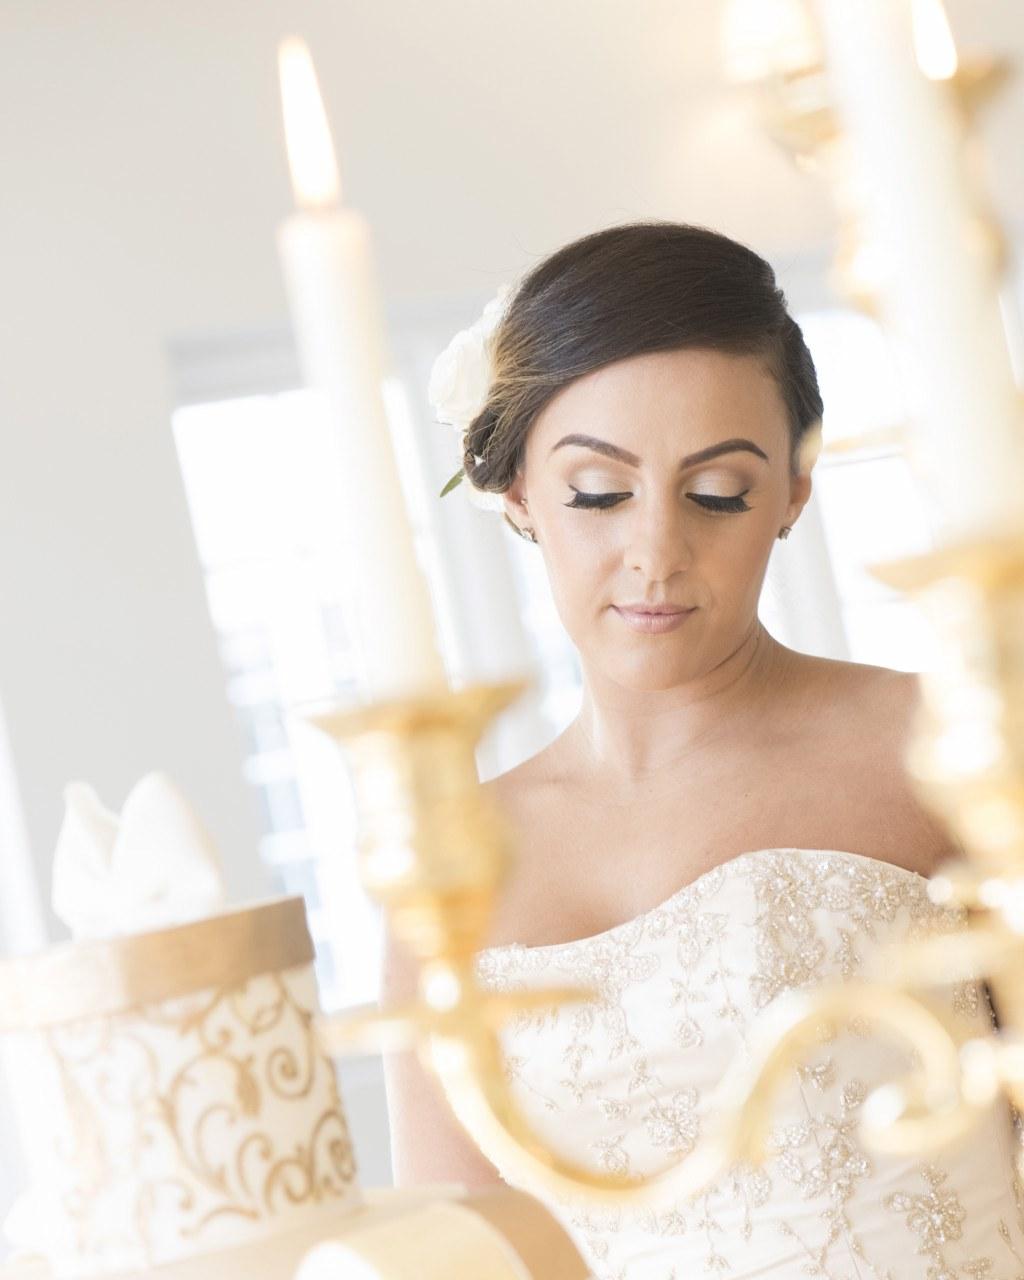 Afmena Events-Bridal Shoot-28th Dec-BellaNaija-2016 (20)